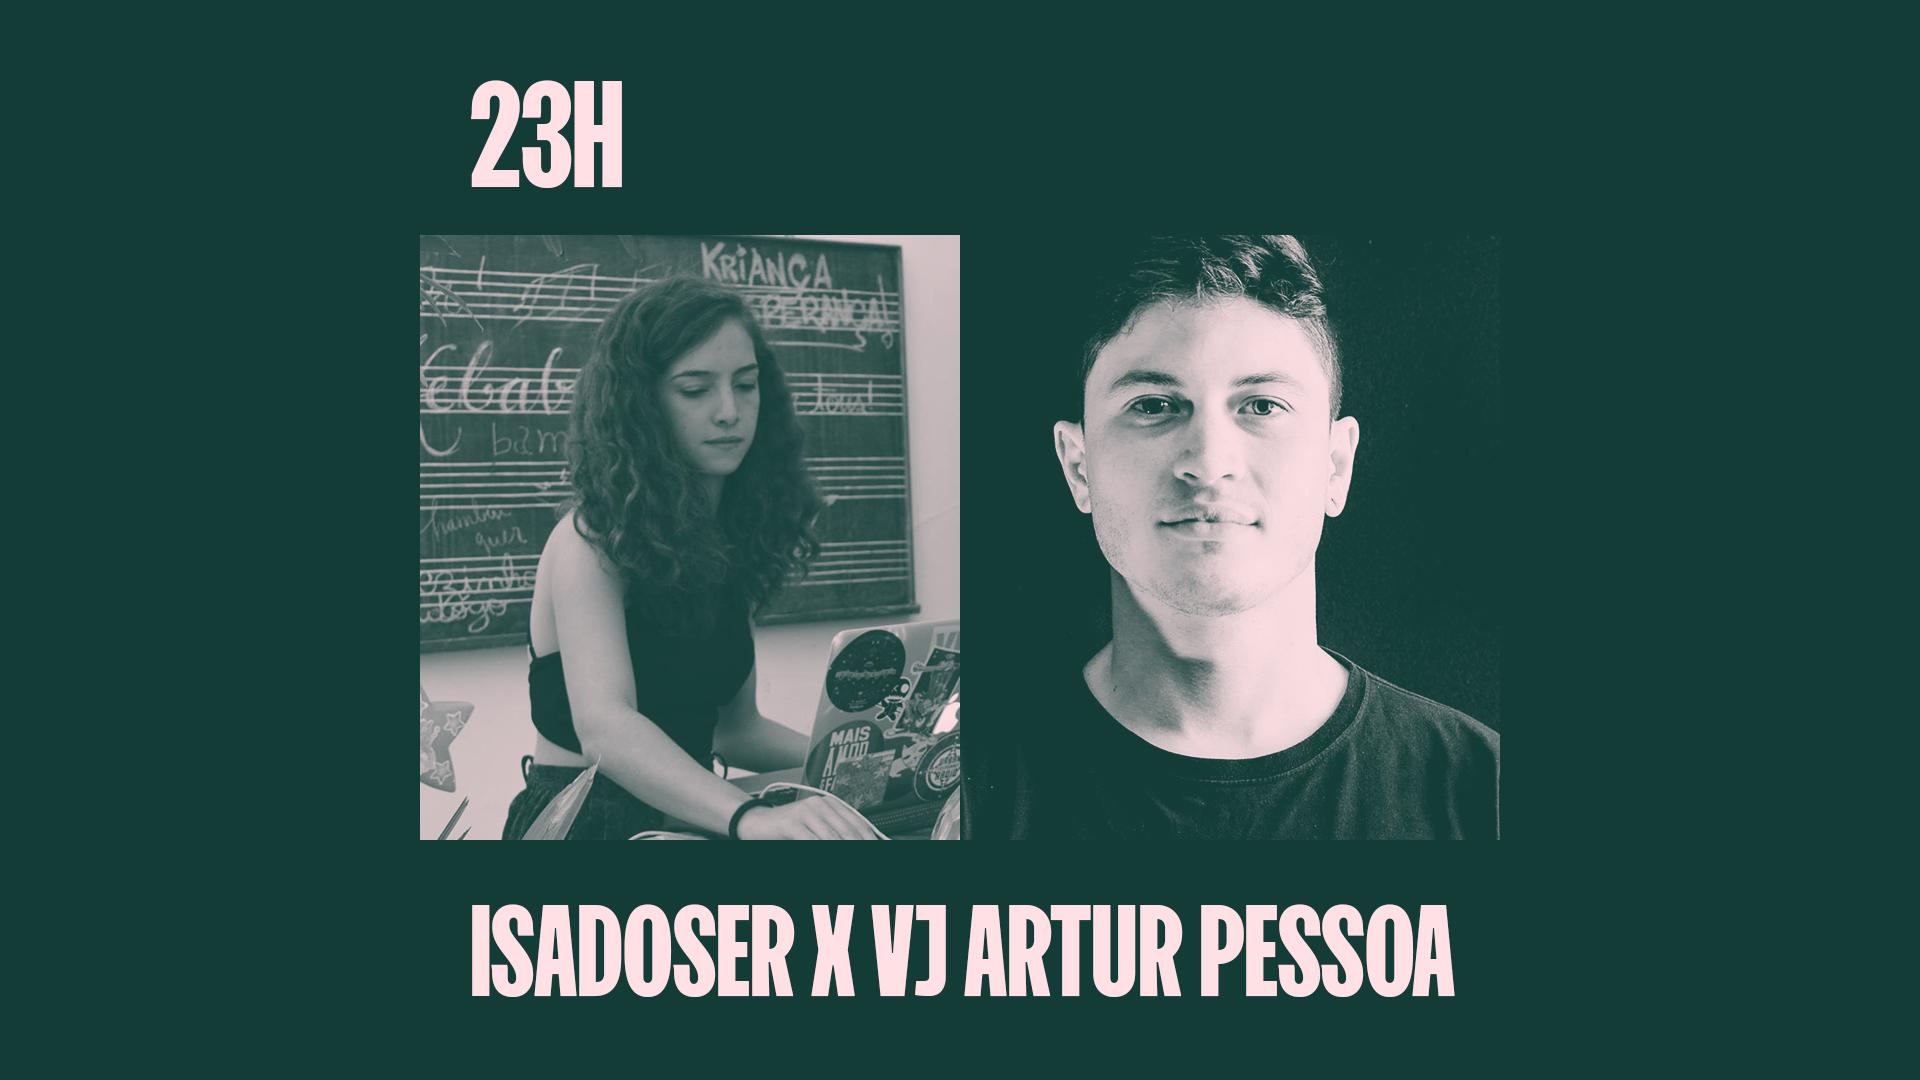 Isadoser (Serenight) - convidada pela LIMBO x VJ Artur Pessoa